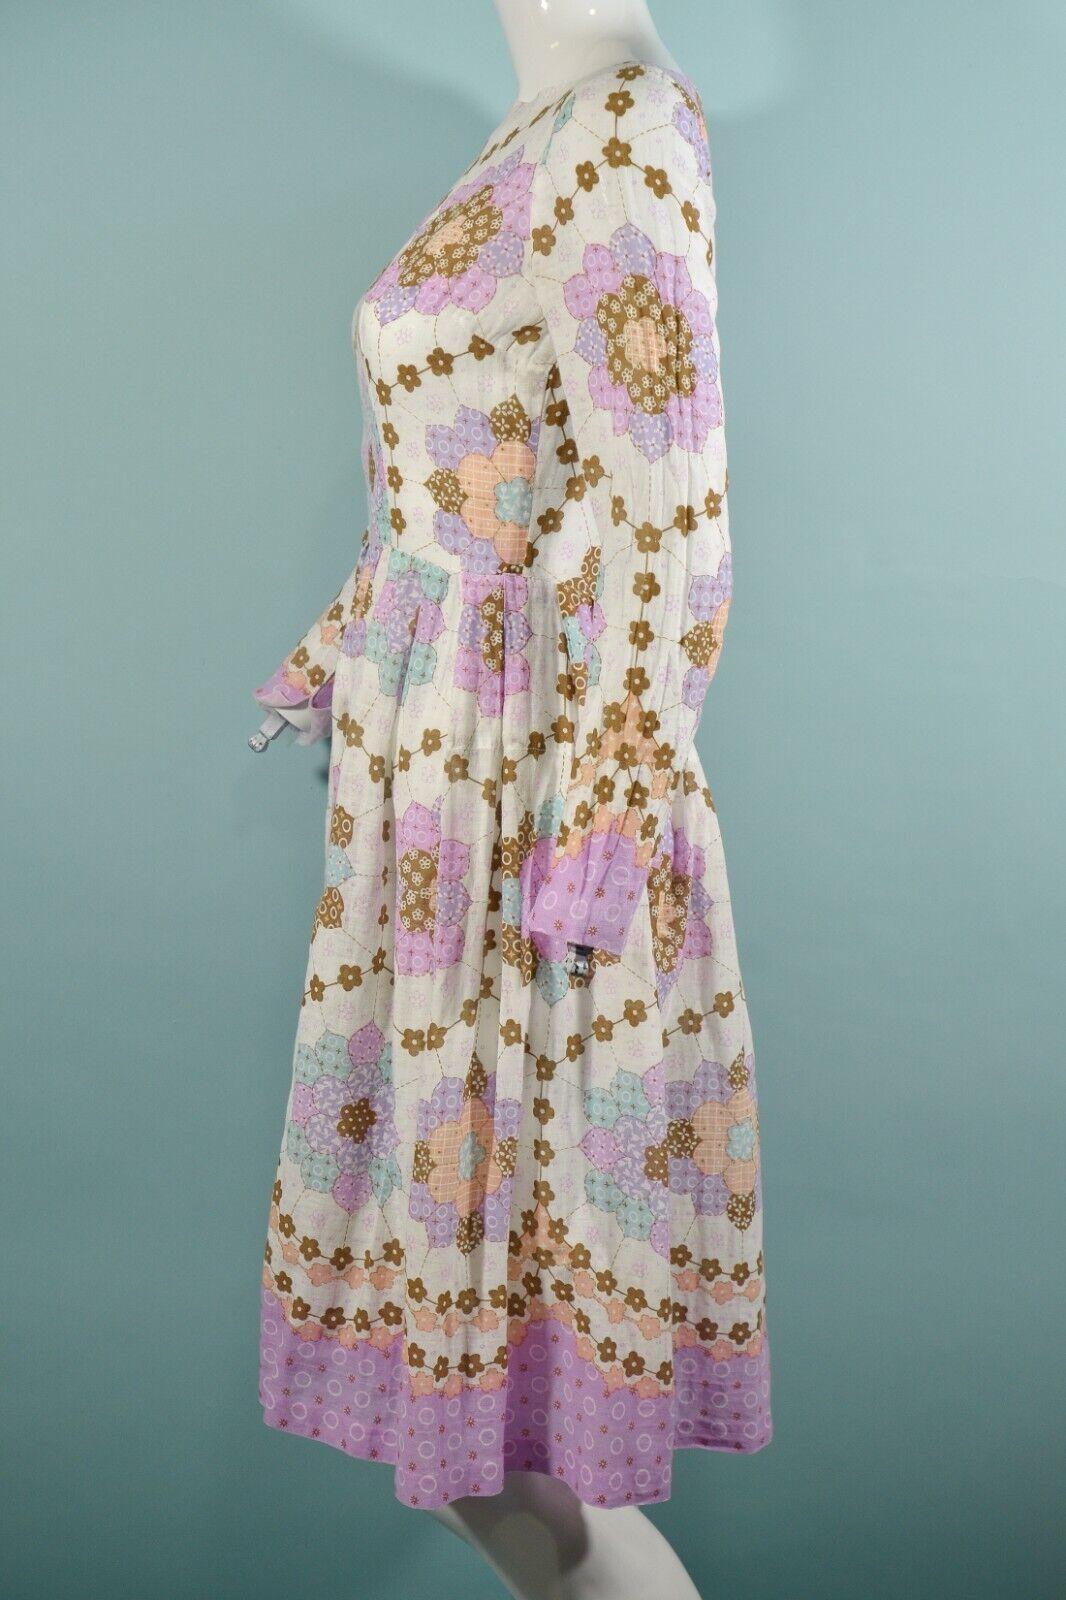 Vintage 60s/70s Faux Patchwork Hippie Dress, Cott… - image 4